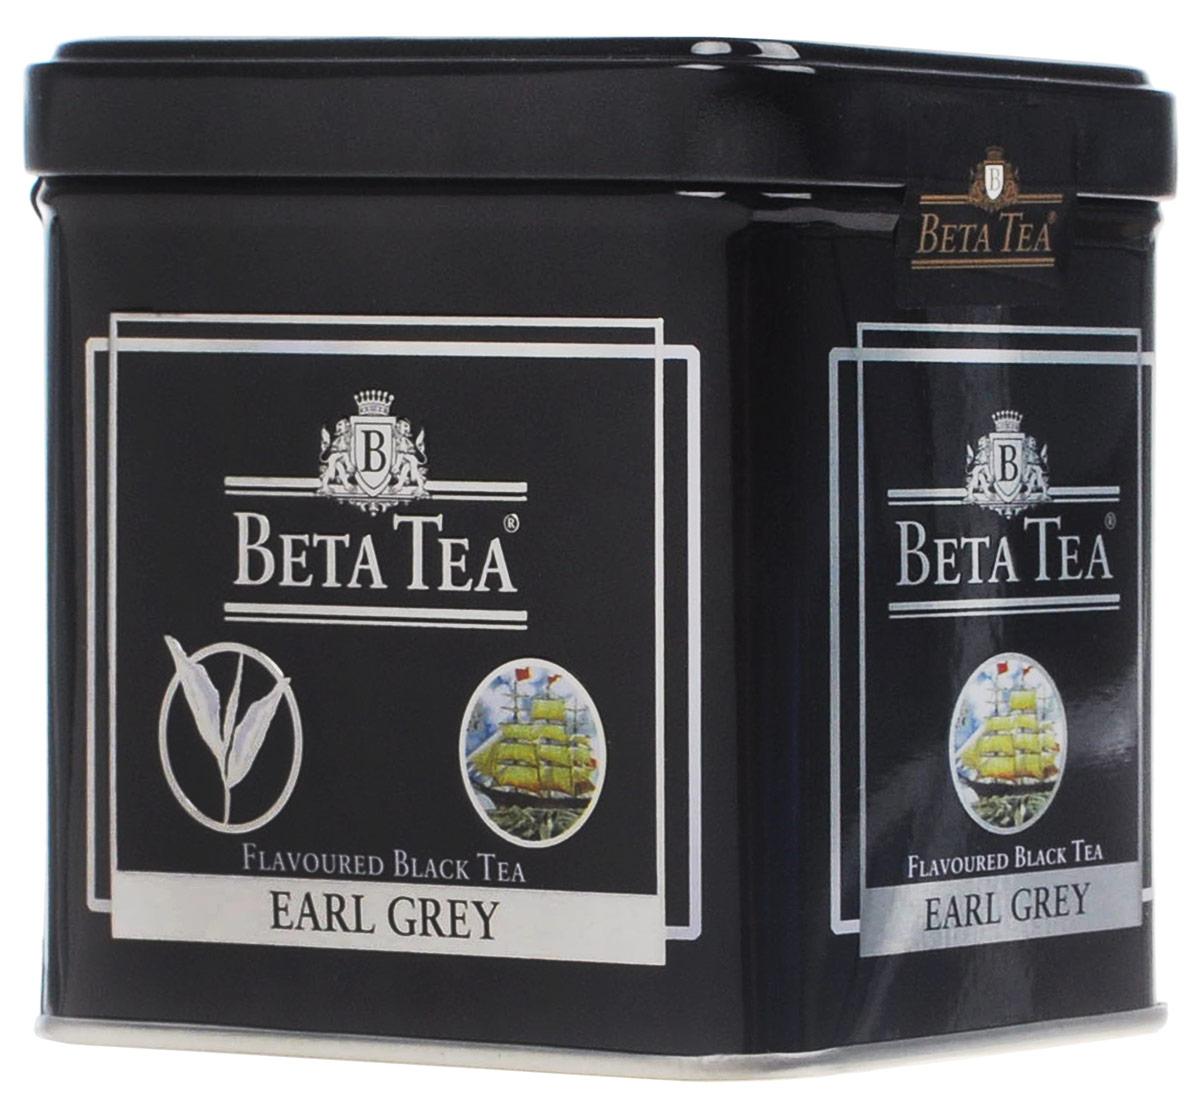 Beta Tea Earl Grey черный листовой чай, 100 г (жестяная банка)0120710Создатель этого чая - английский дипломат Чарльз Грей, который первым придумал его оригинальную рецептуру. Будучи в Китае, он смешал чай из районов Дарджелинг Кемун с бергамотом и получил новый неповторимый аромат. С тех пор этот напиток носит его имя и пользуется большой популярностью во всем мире.